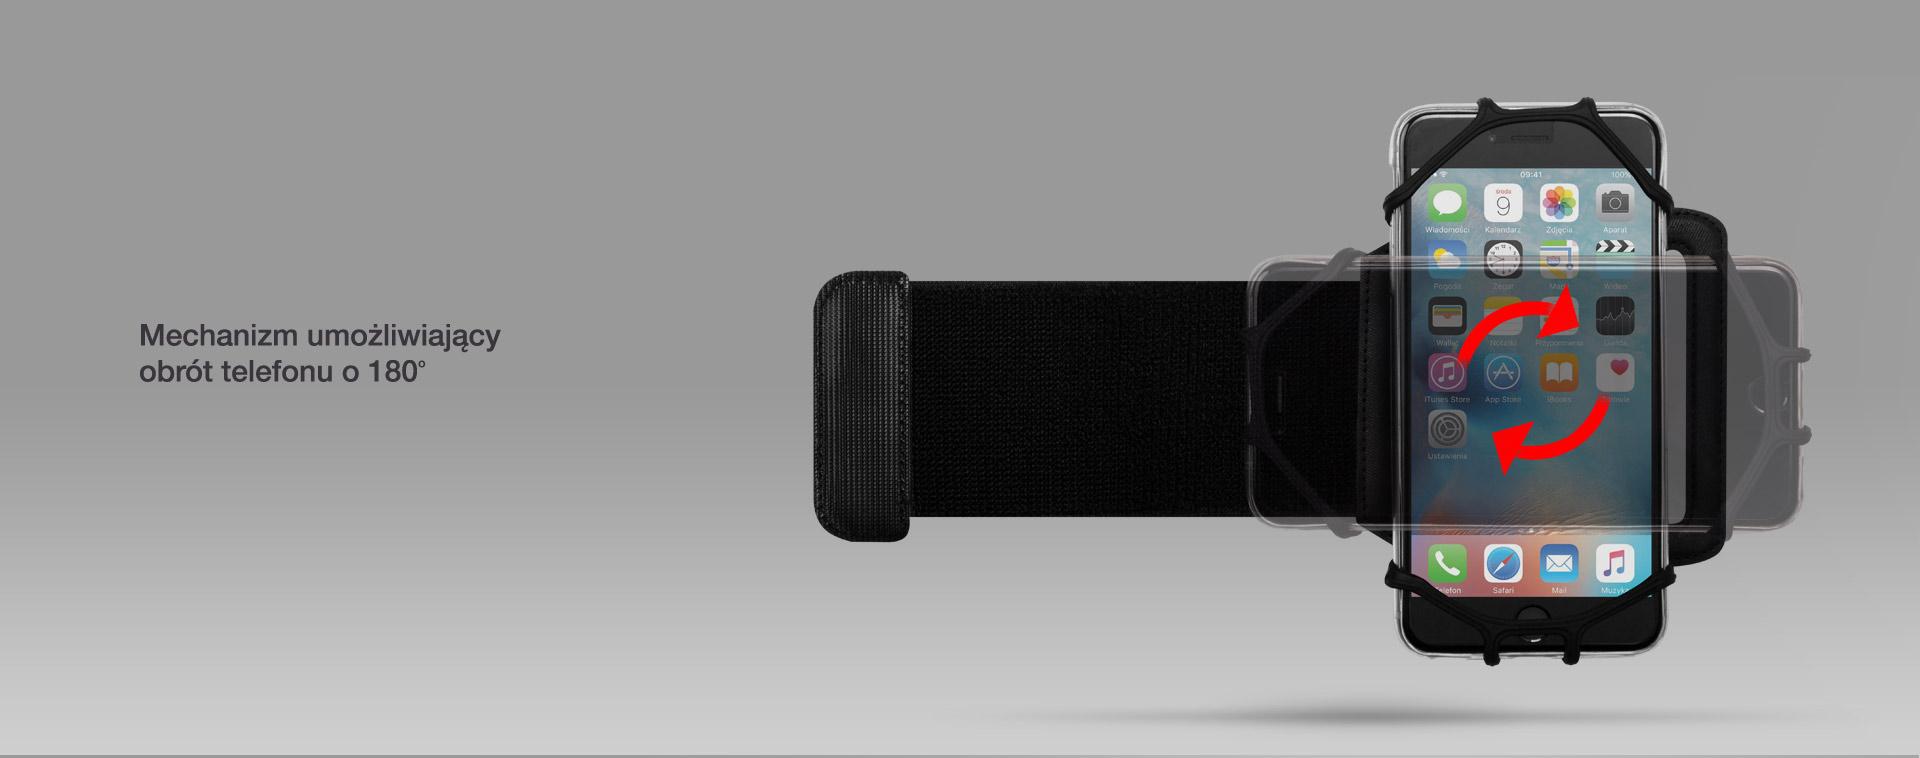 Mechanizm umożliwiający obrót telefonu o 180 stopni.